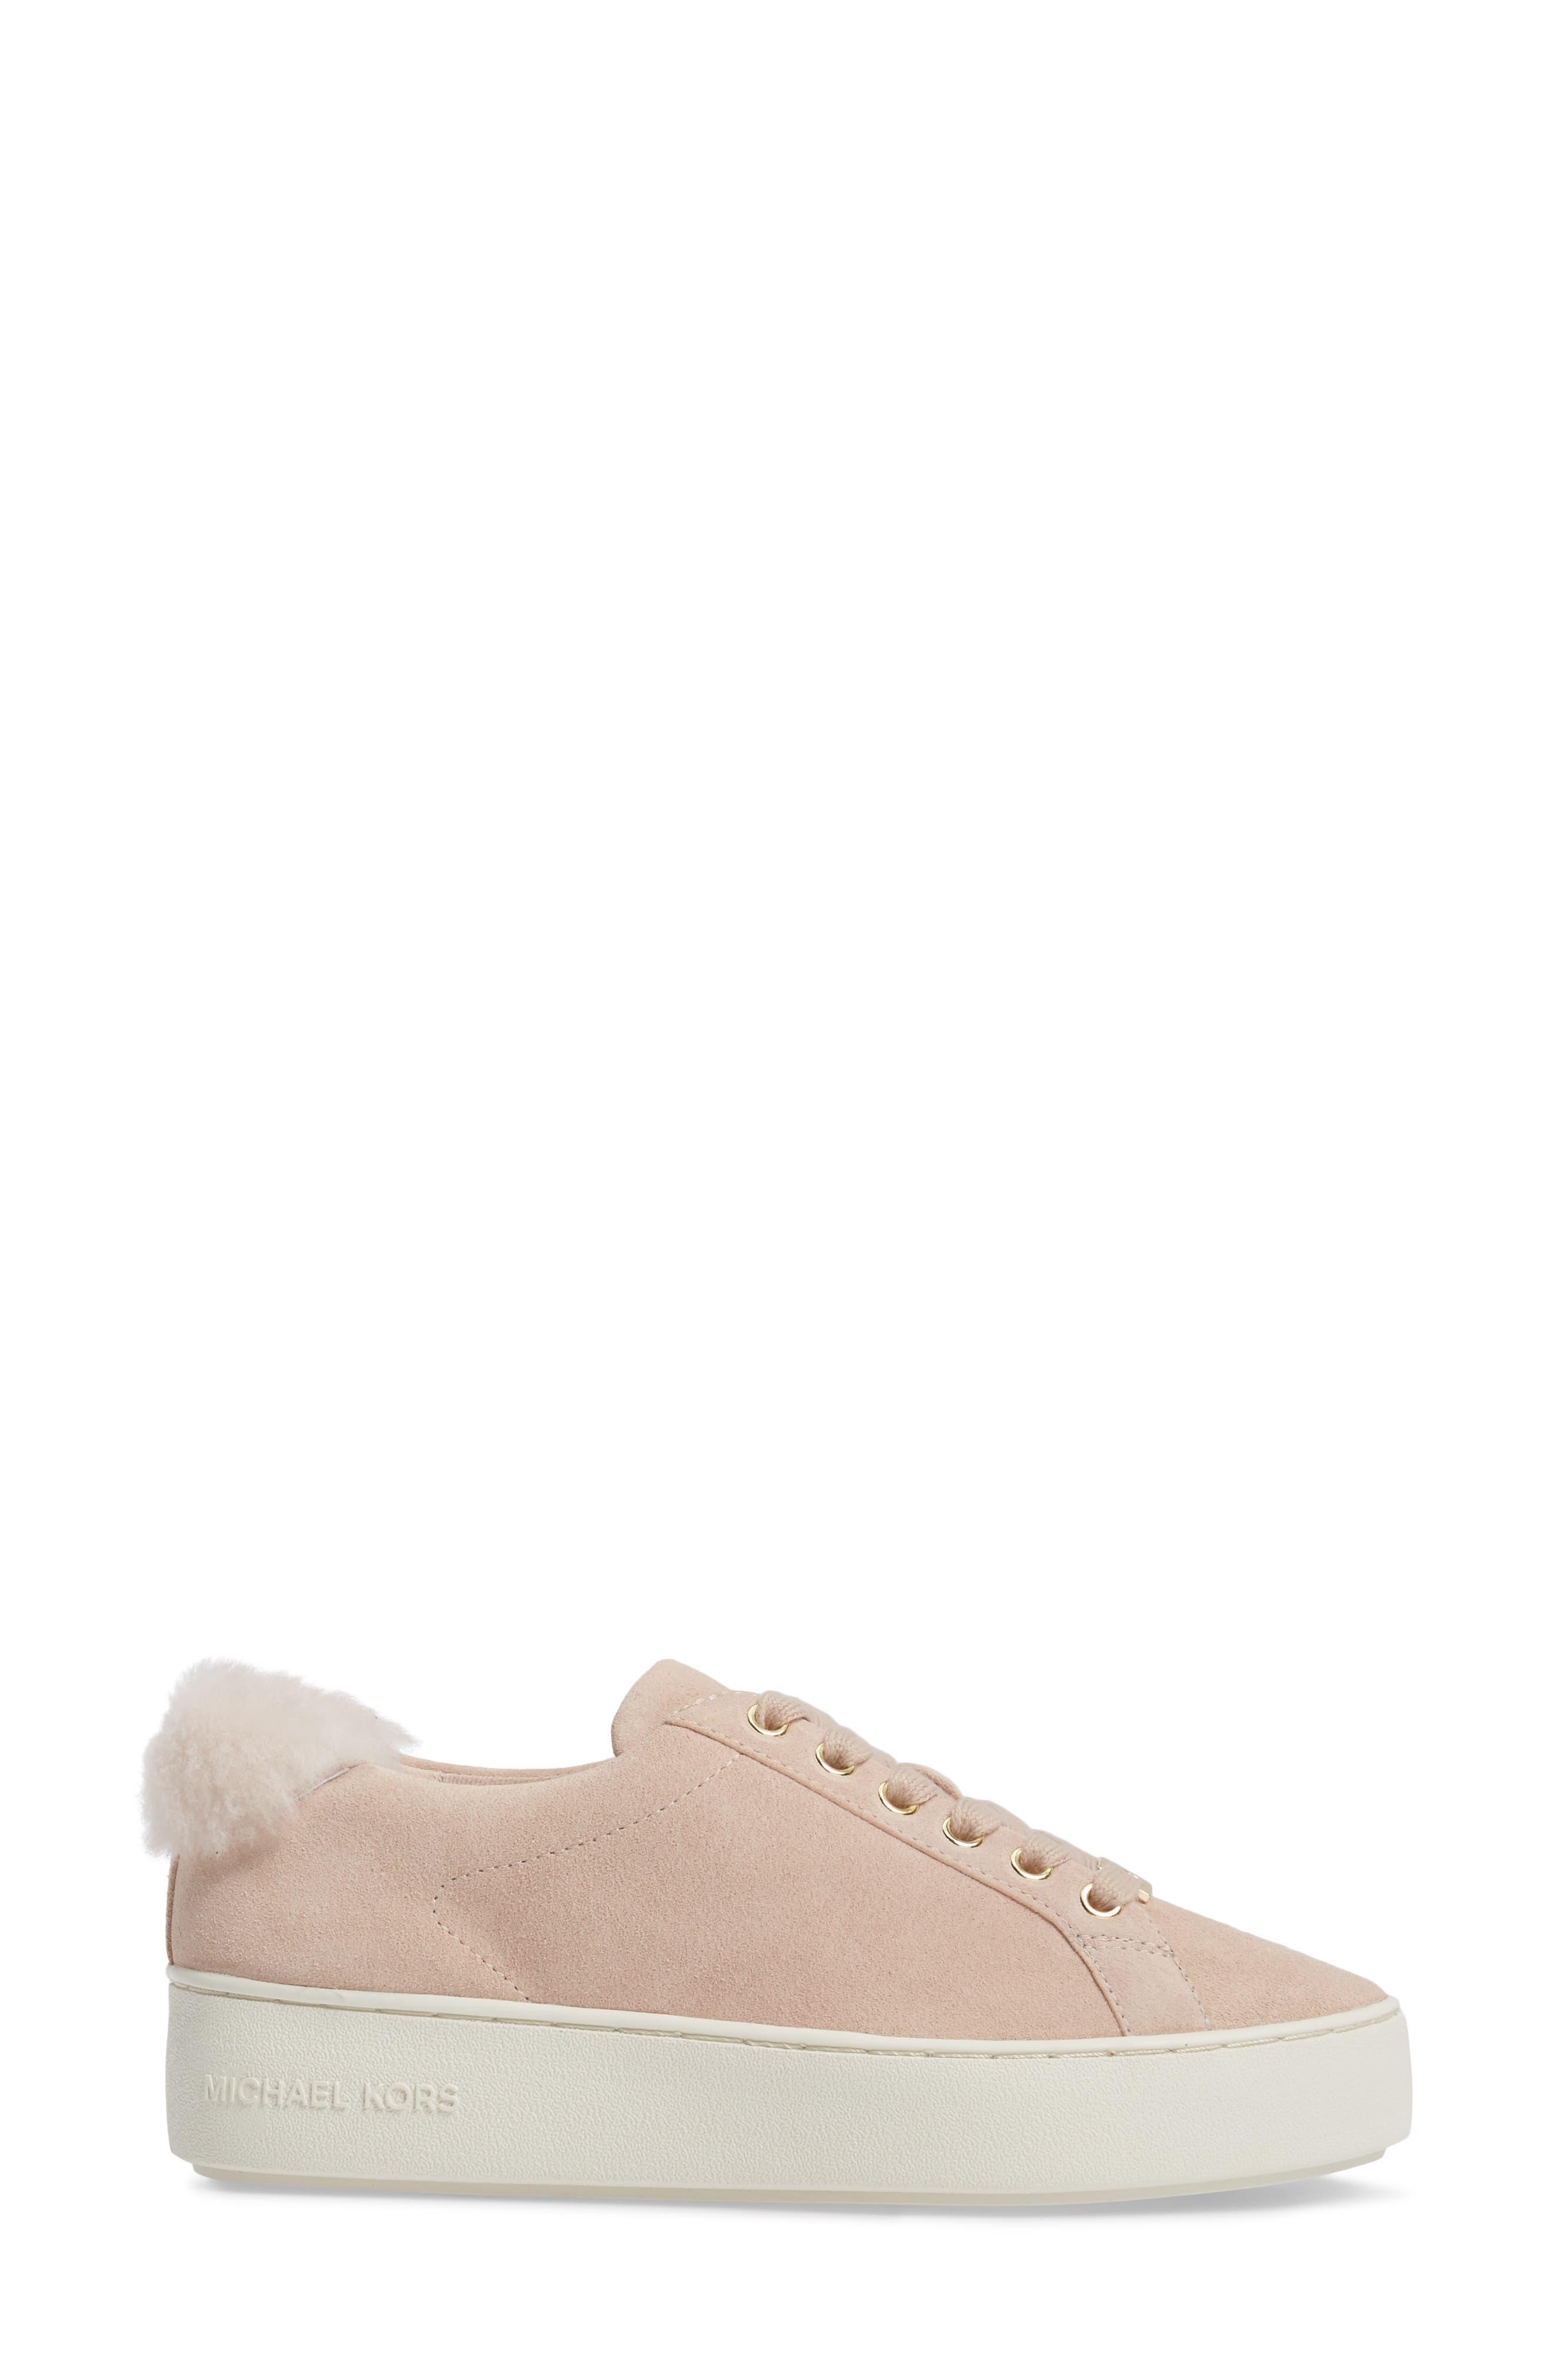 Poppy Platform Sneaker,                             Alternate thumbnail 3, color,                             651